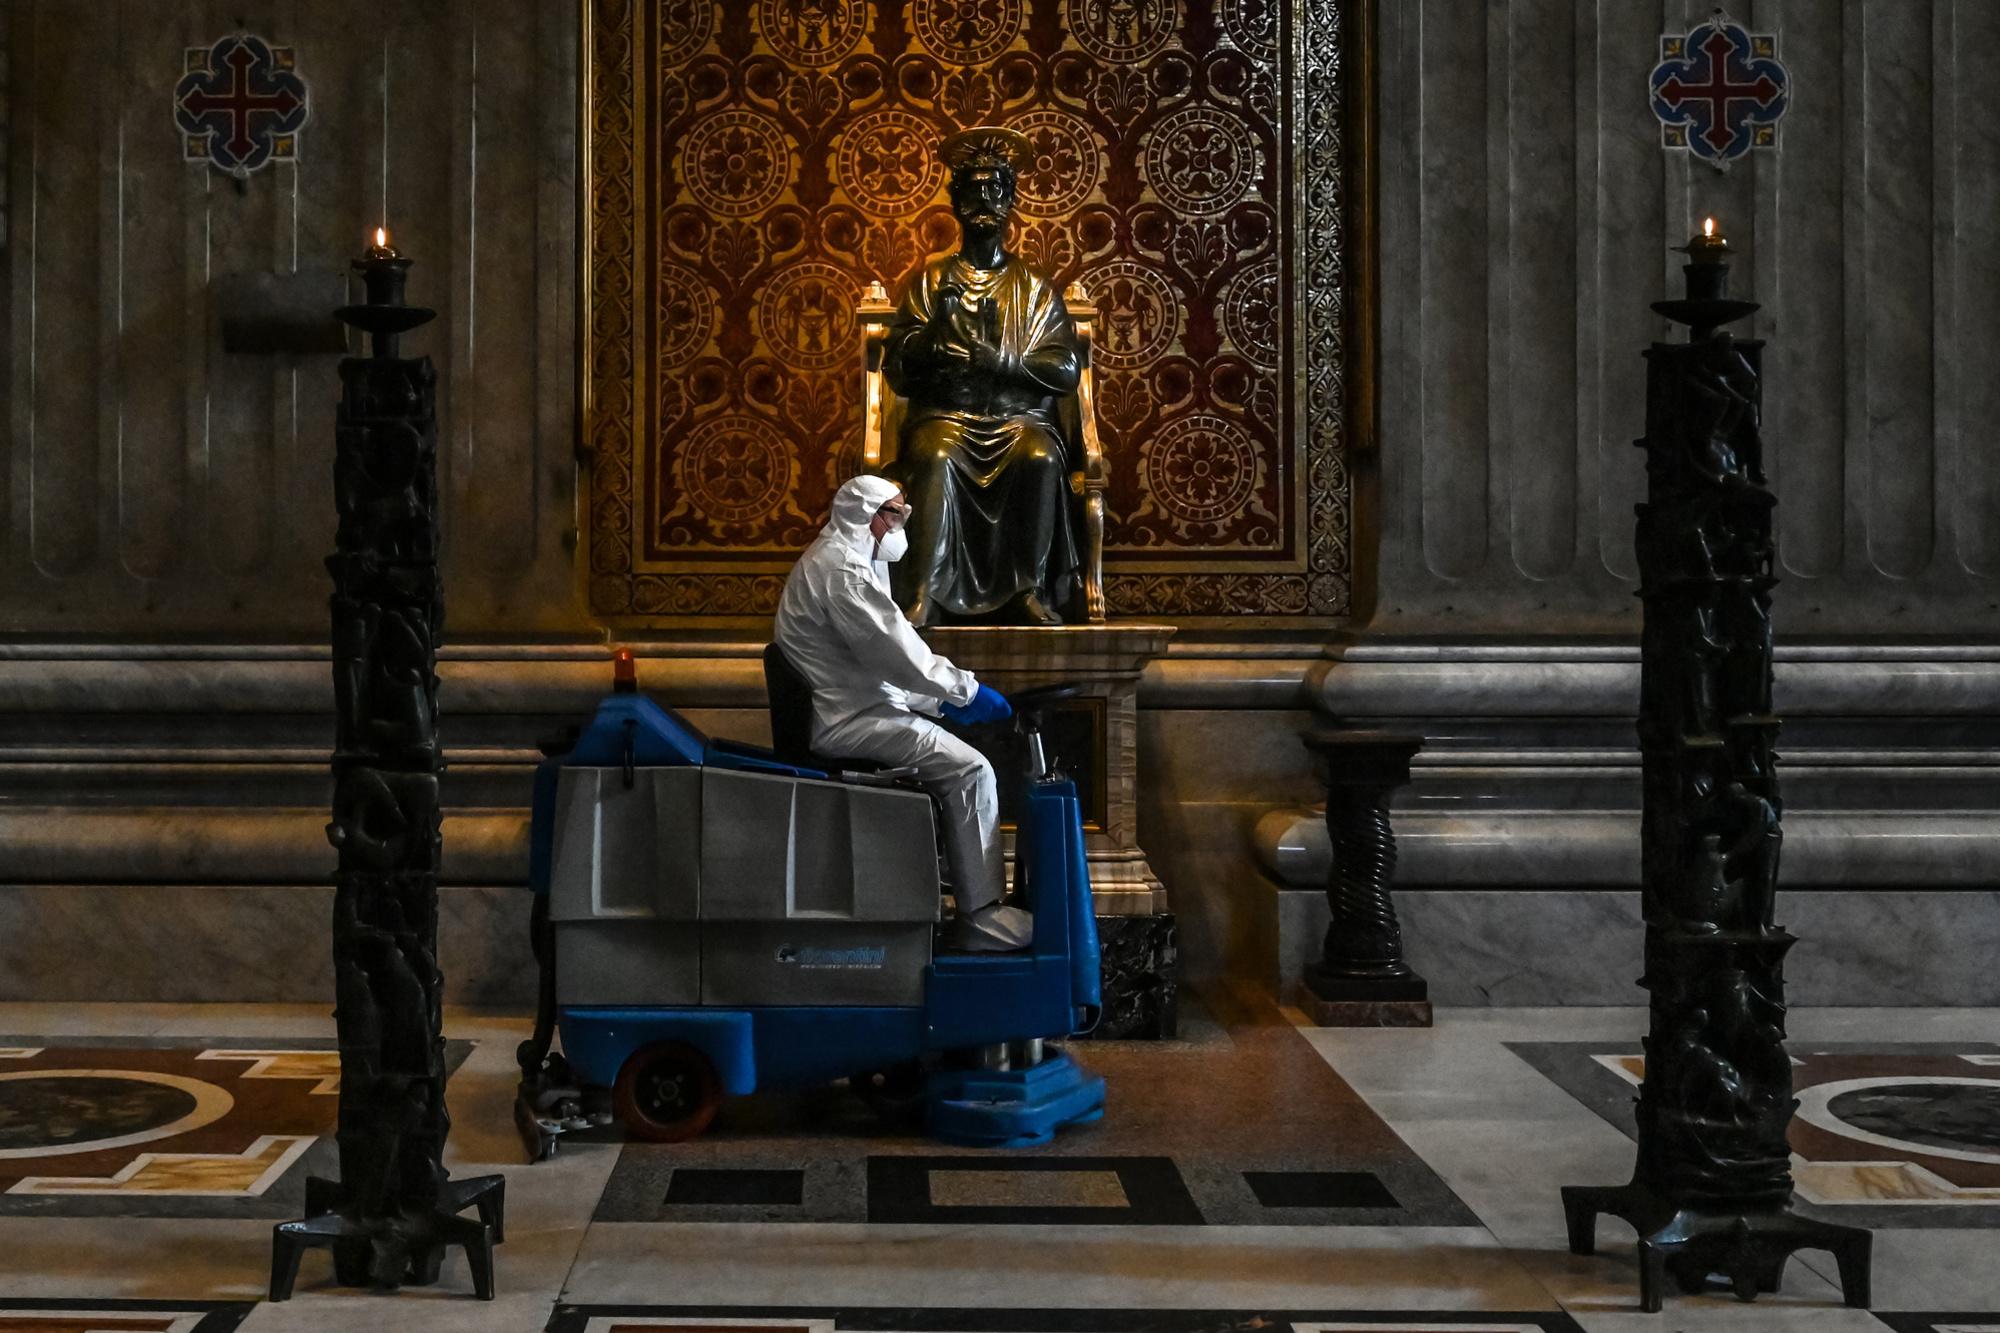 Un homme portant une combinaison de protection et un masque conduit une machine de nettoyage des sols devant une statue de Saint-Pierre lors de l'assainissement de la basilique Saint-Pierre au Vatican le 15 mai 2020, belga